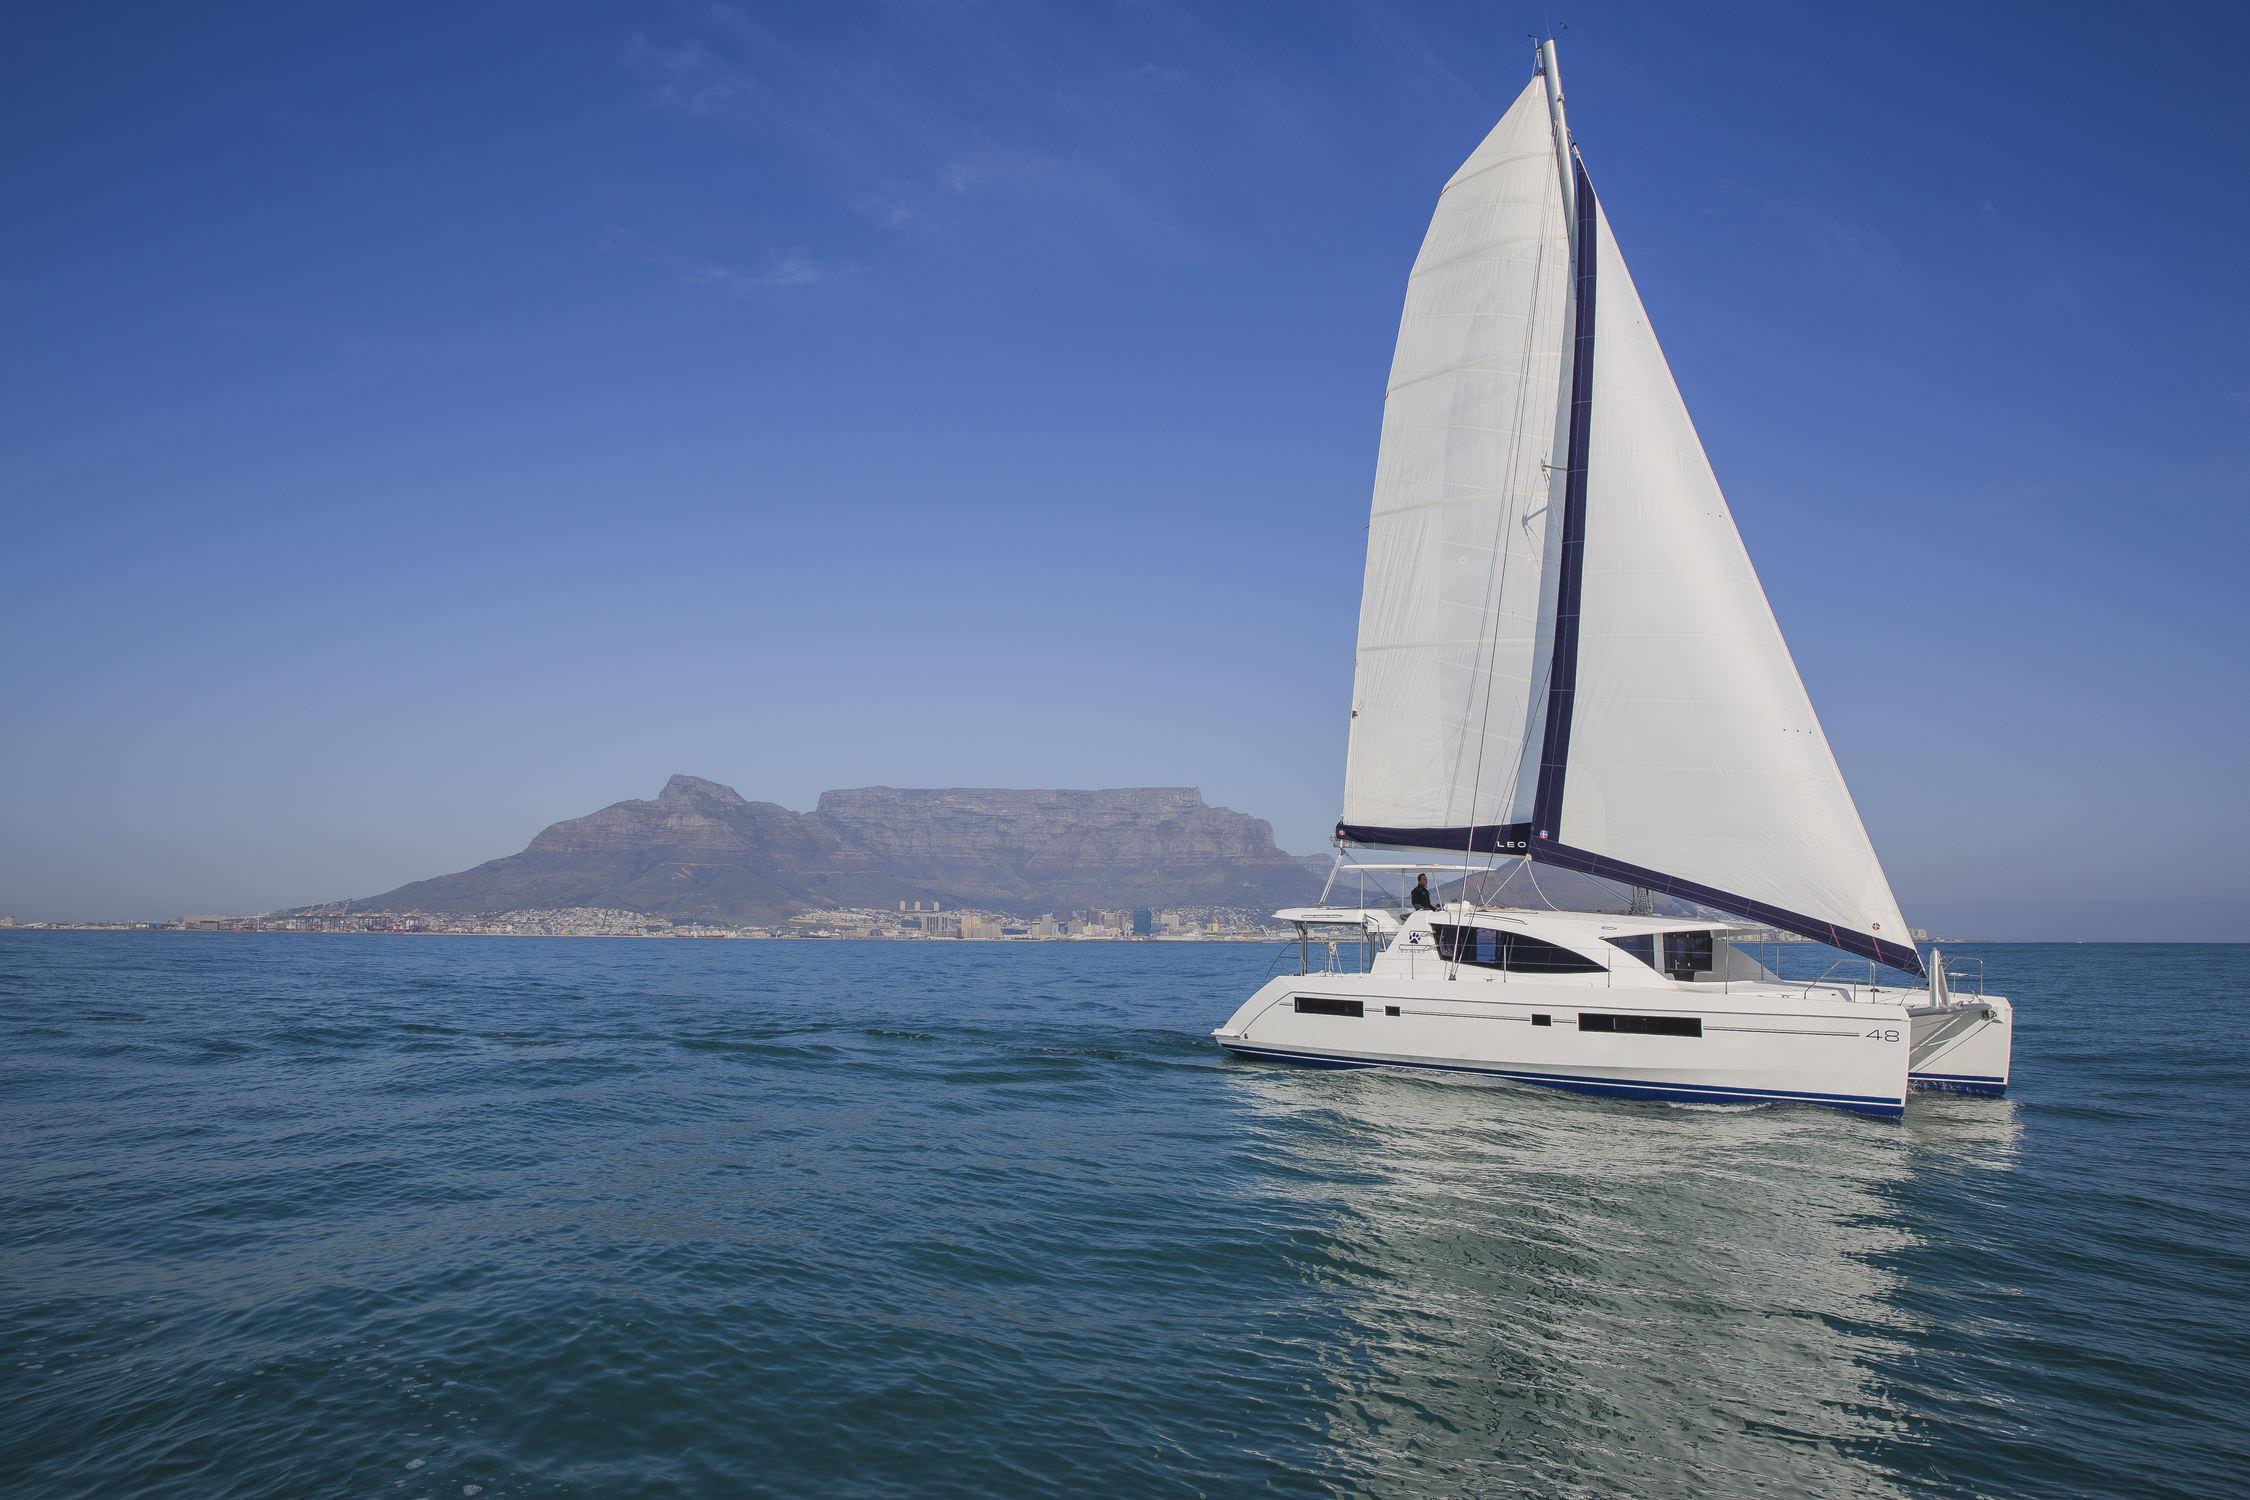 参加Spiridakos公司乘坐游艇的活动